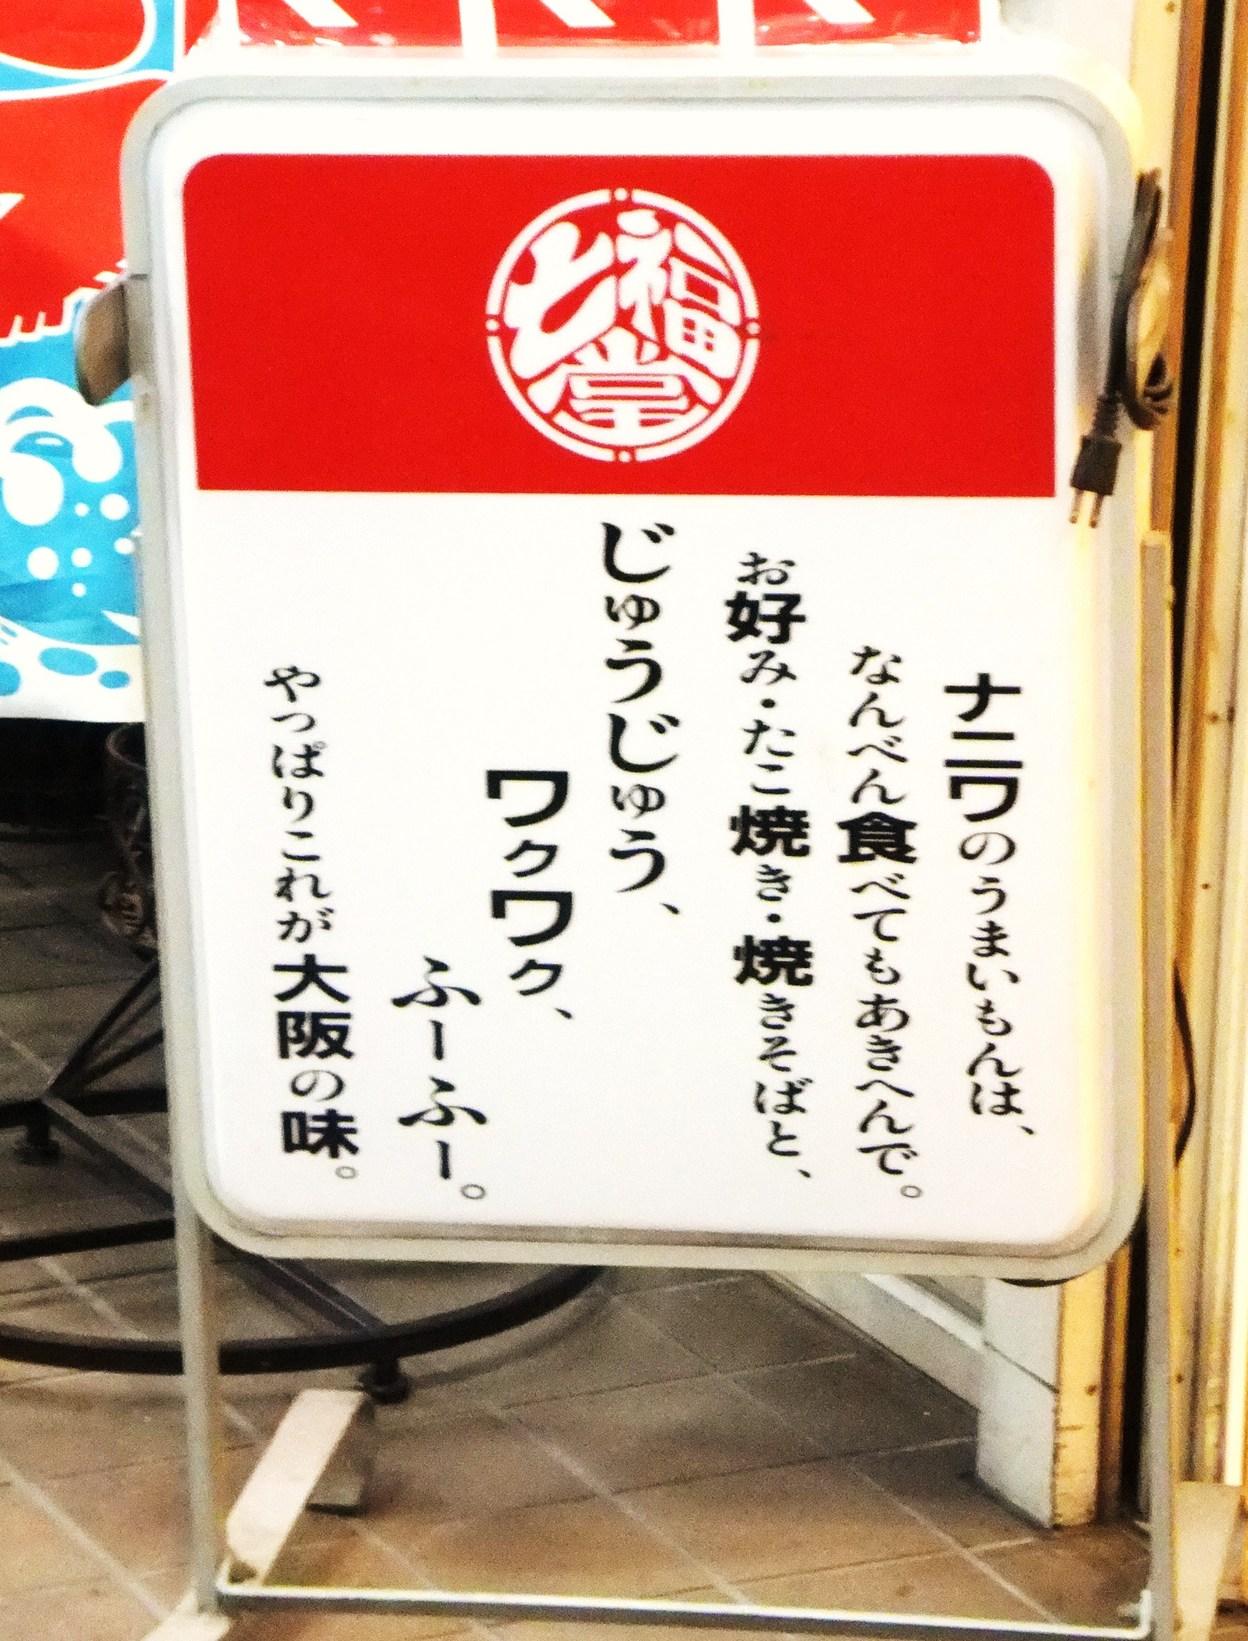 七福堂 堺店